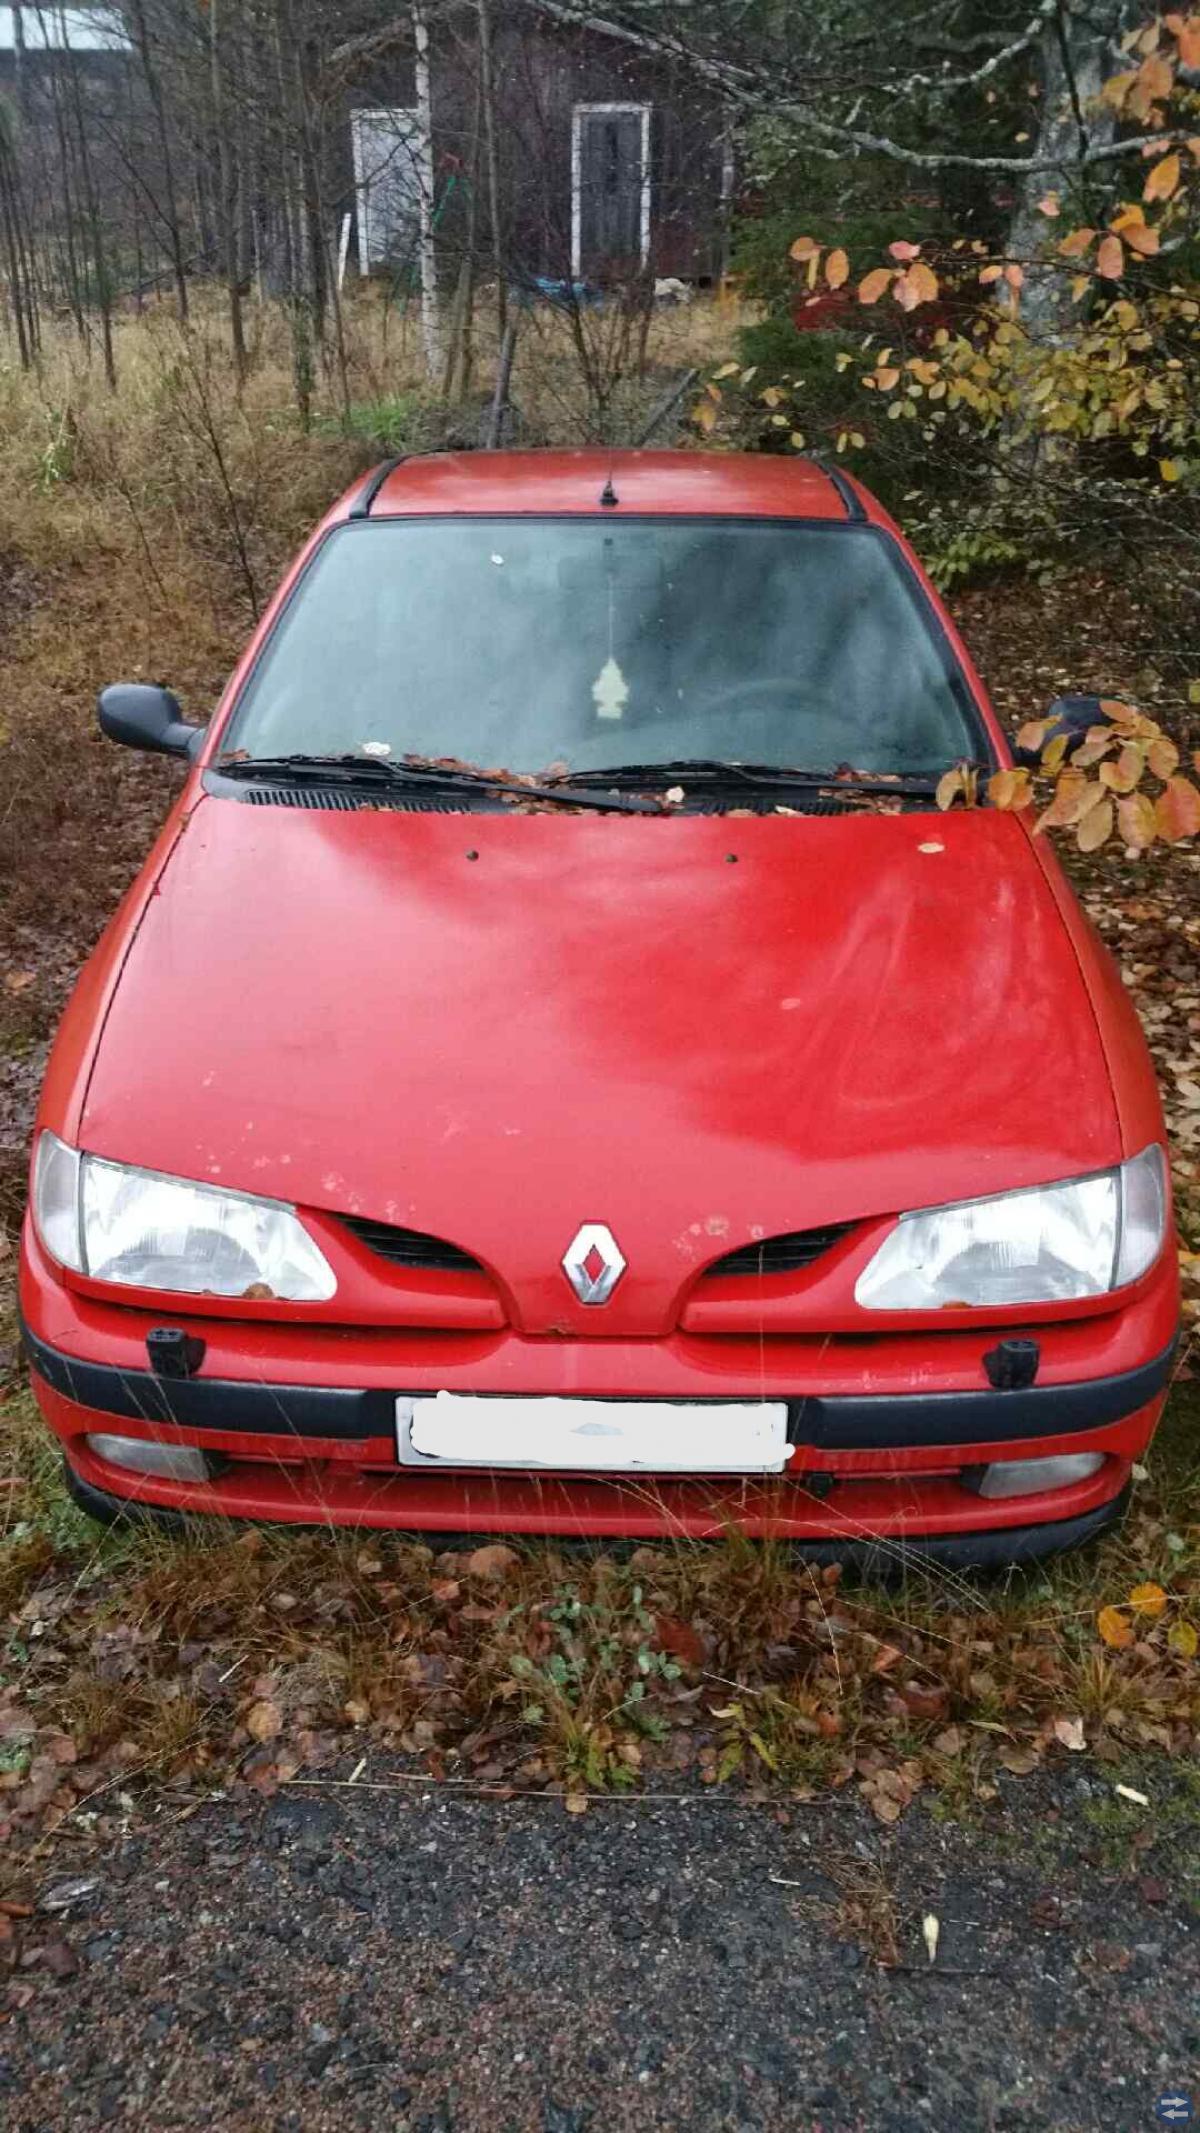 Renault megane - 98 GDS kamremshaveri